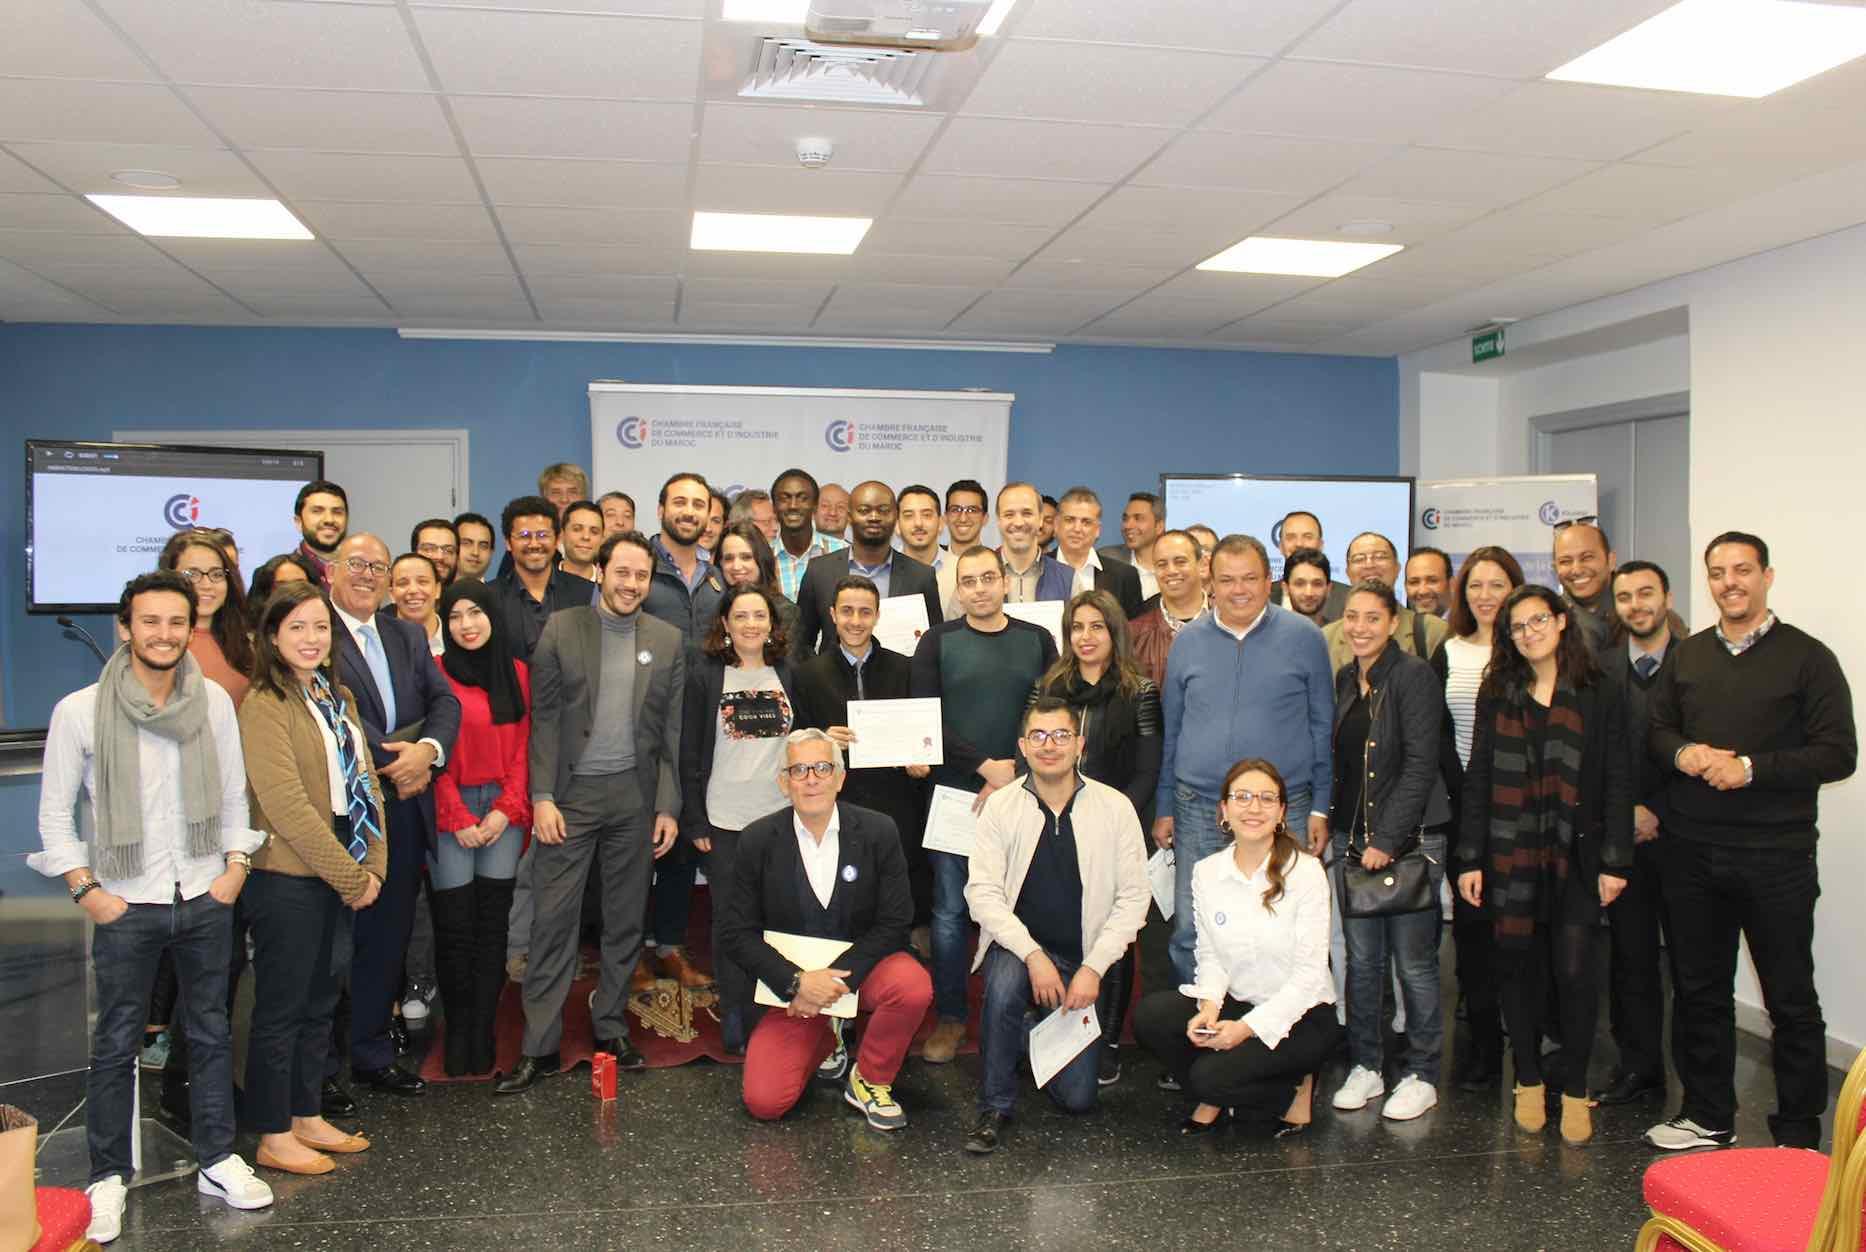 La CFCIM annonce les gagnants de son programme de soutien aux start-ups